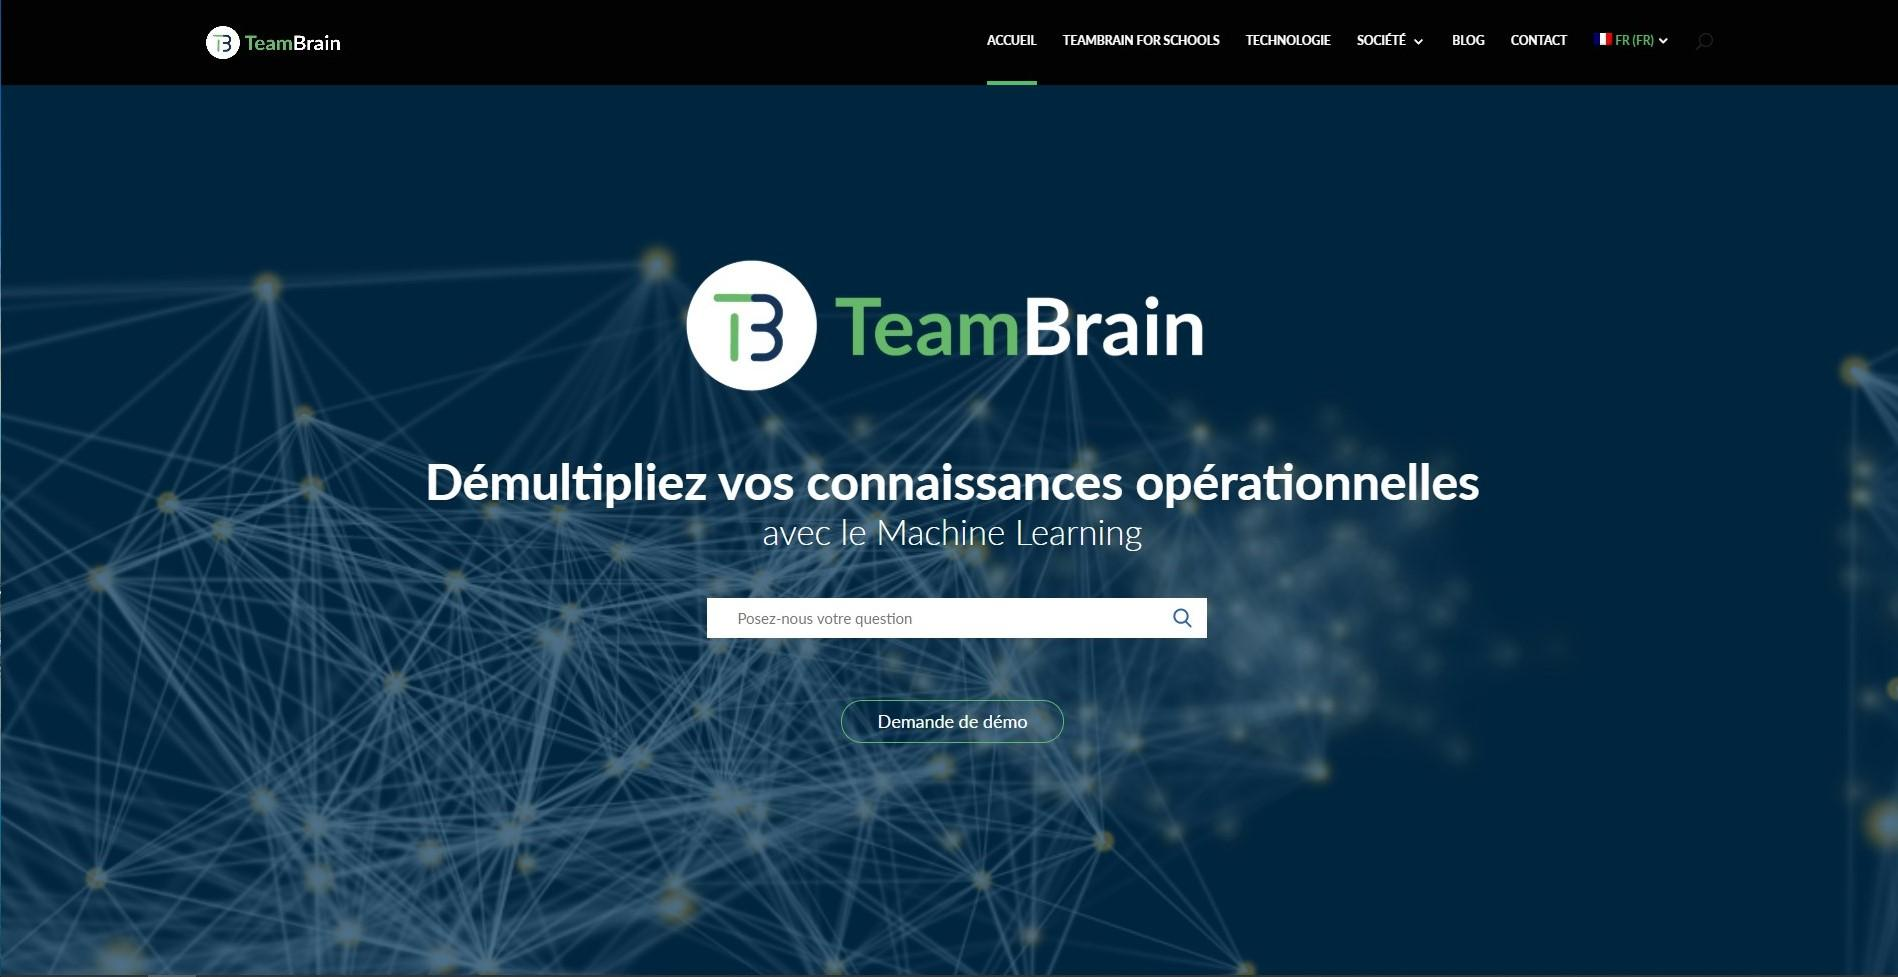 Intégration de la barre de recherche sur site web